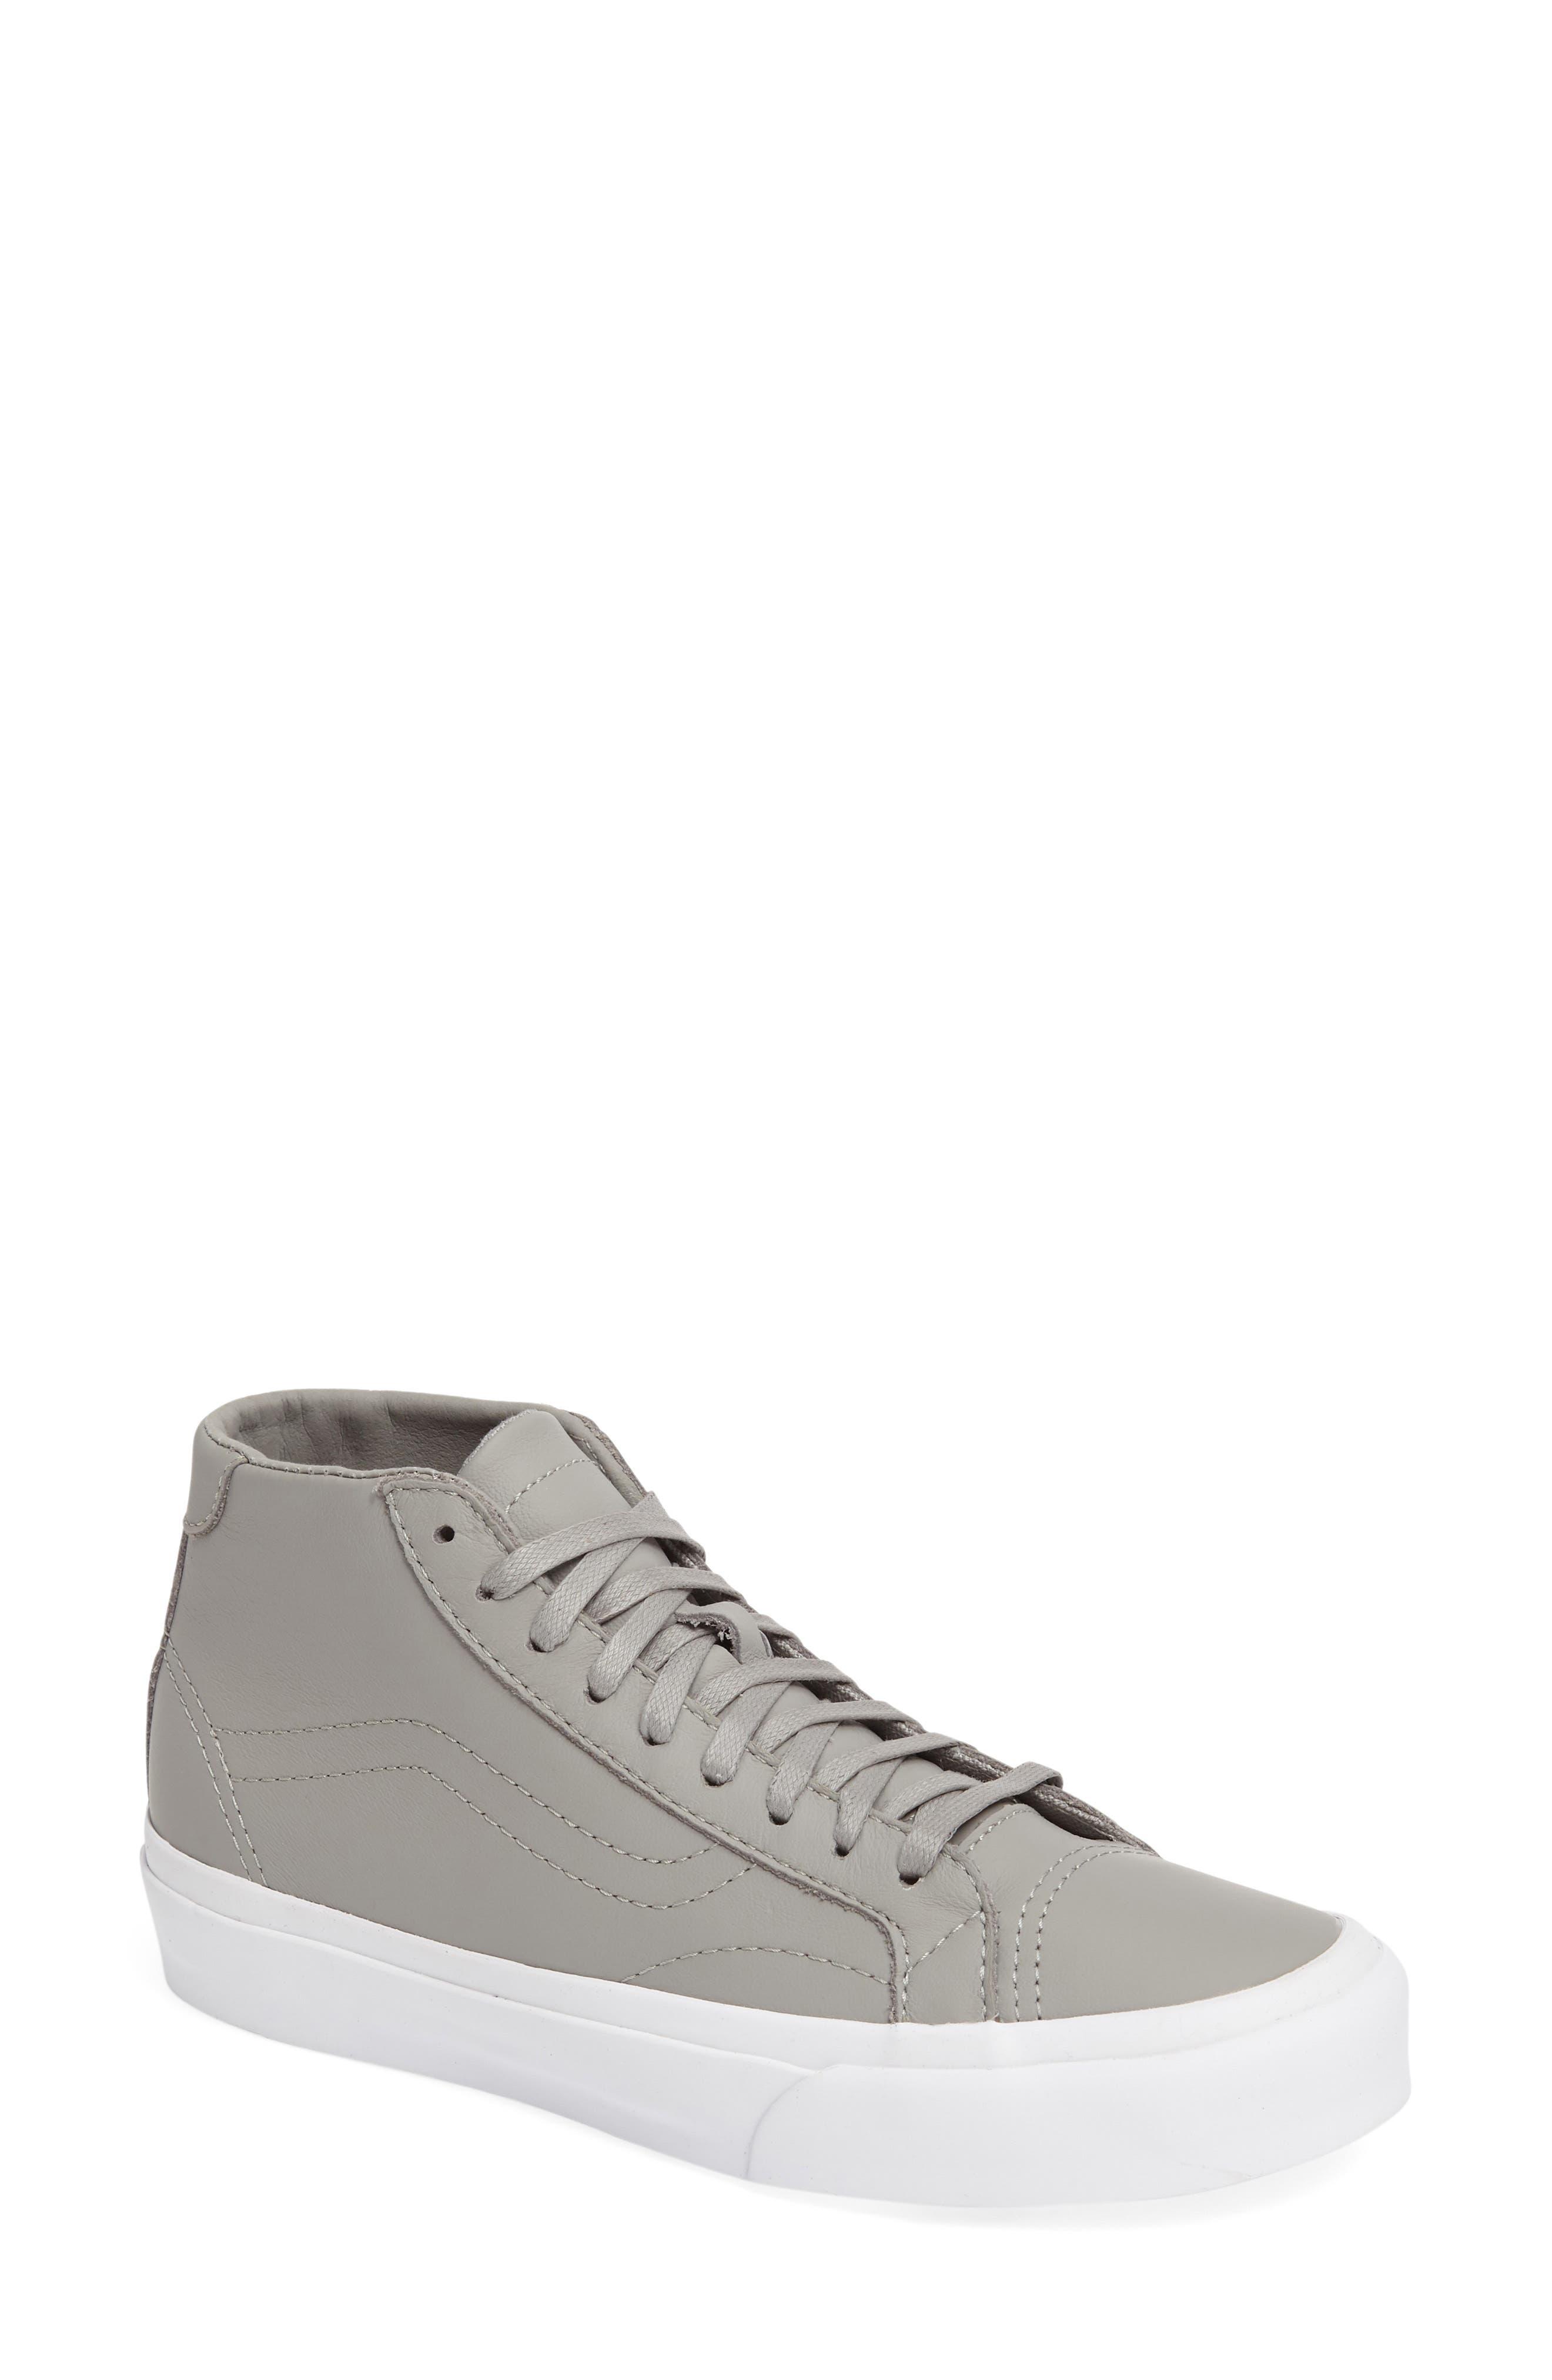 VANS Court DX Mid Sneaker